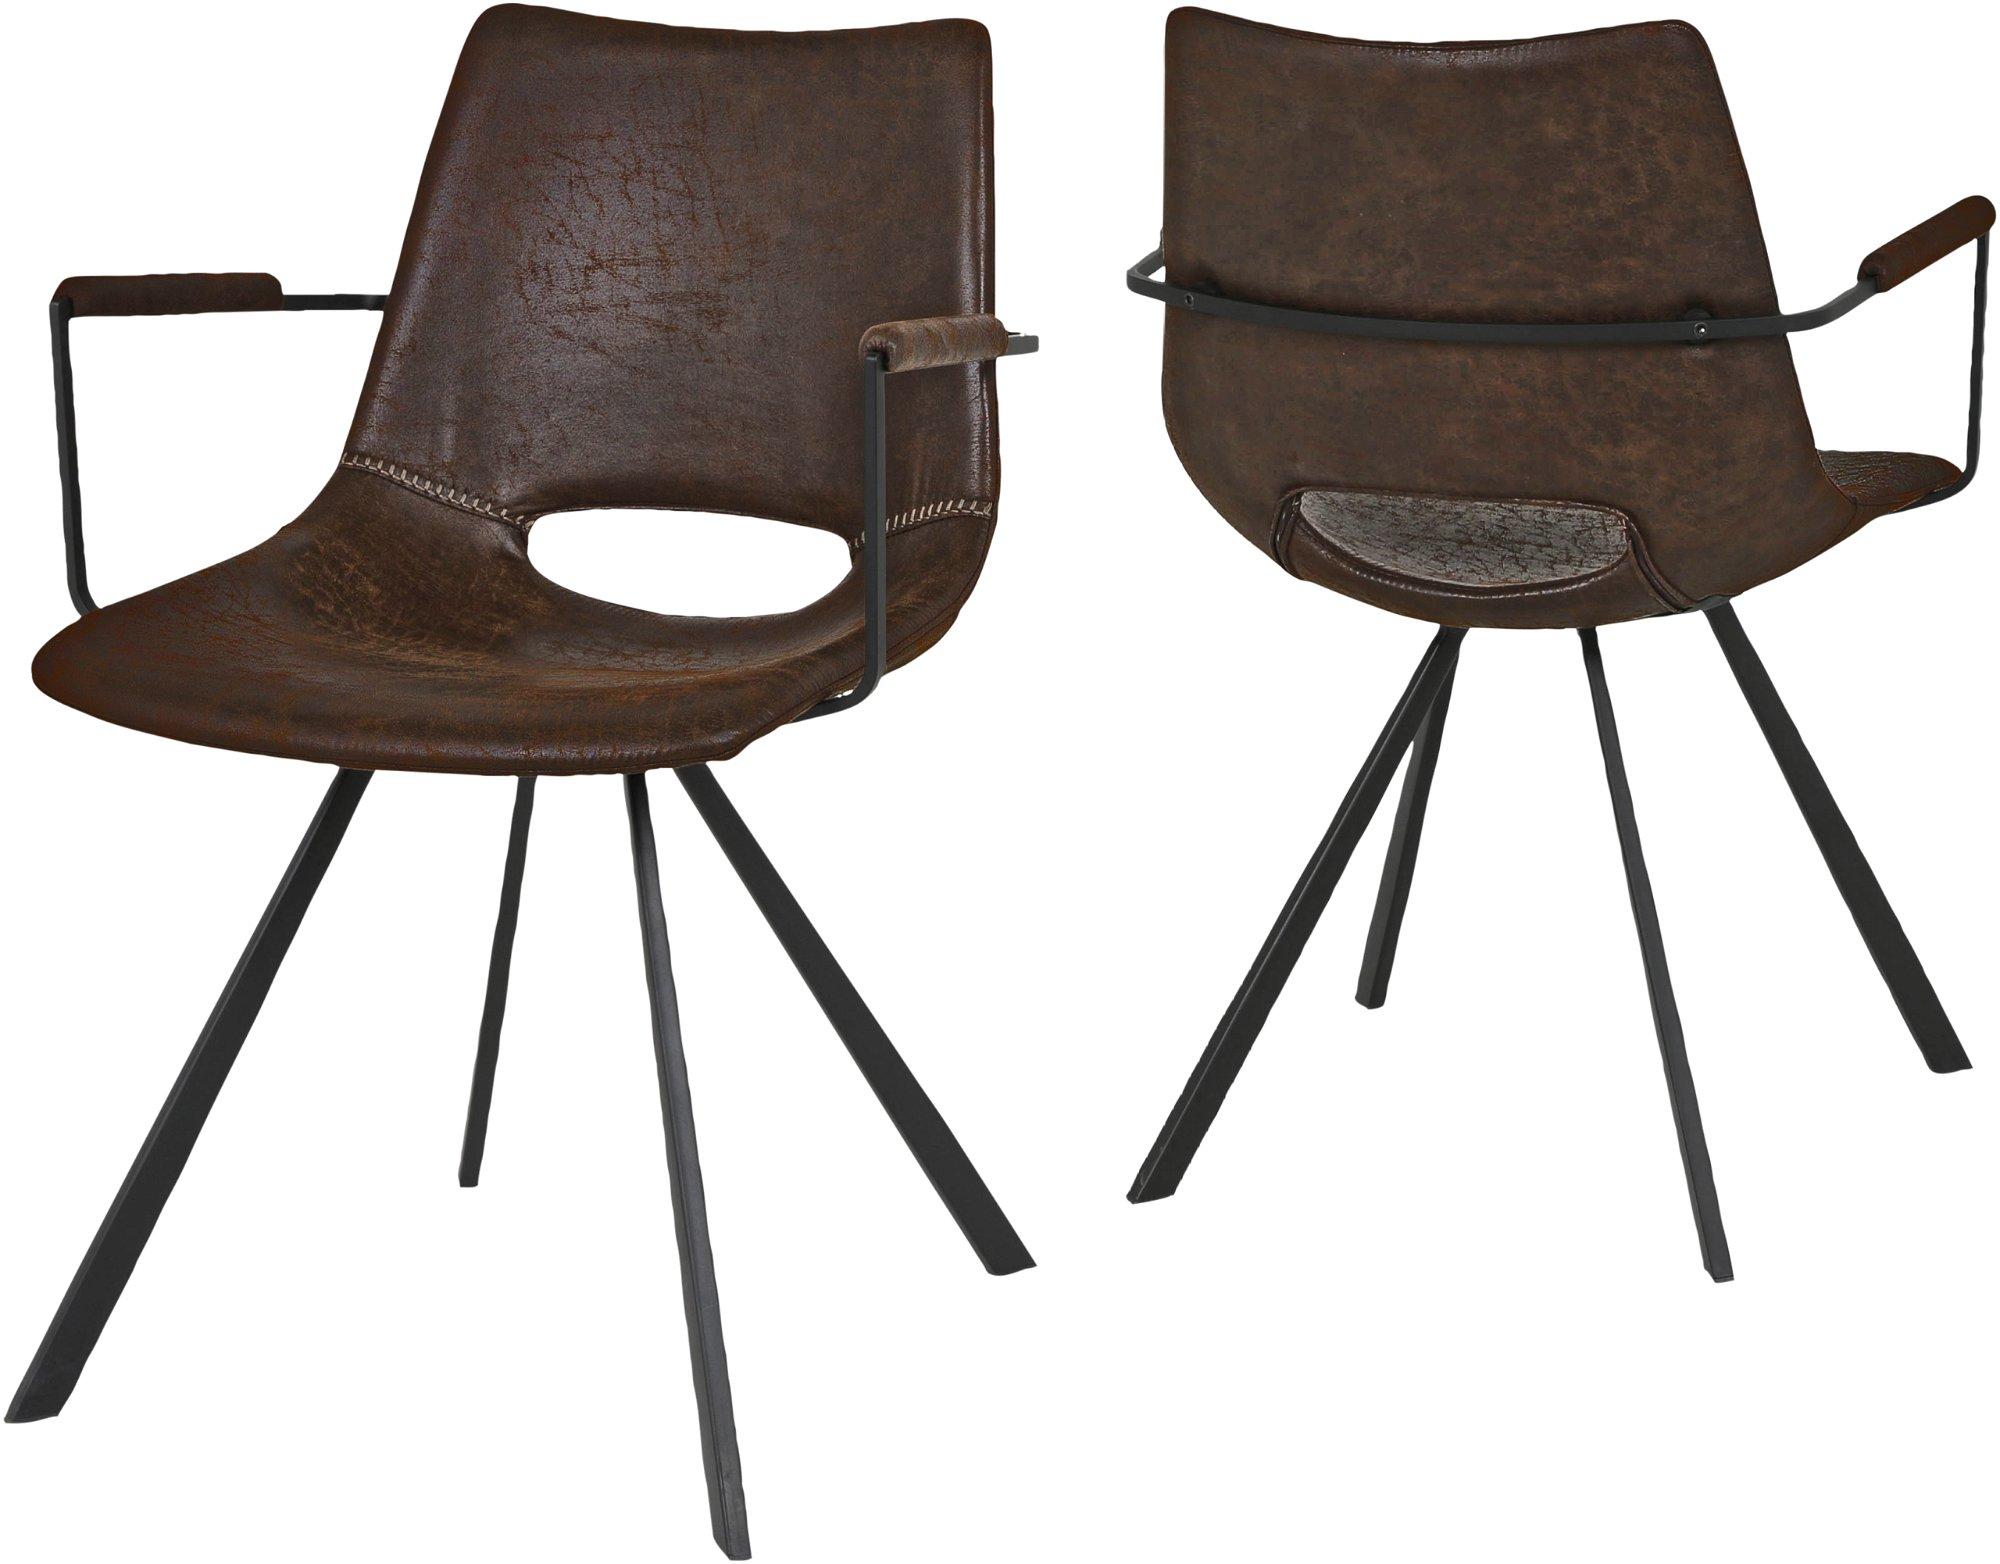 Image of   Berlin, Spisebordsstol m. armlæn by Canett Furniture (H: 80 cm. B: 55,5 cm. L: 57 cm., Sort/Brun)